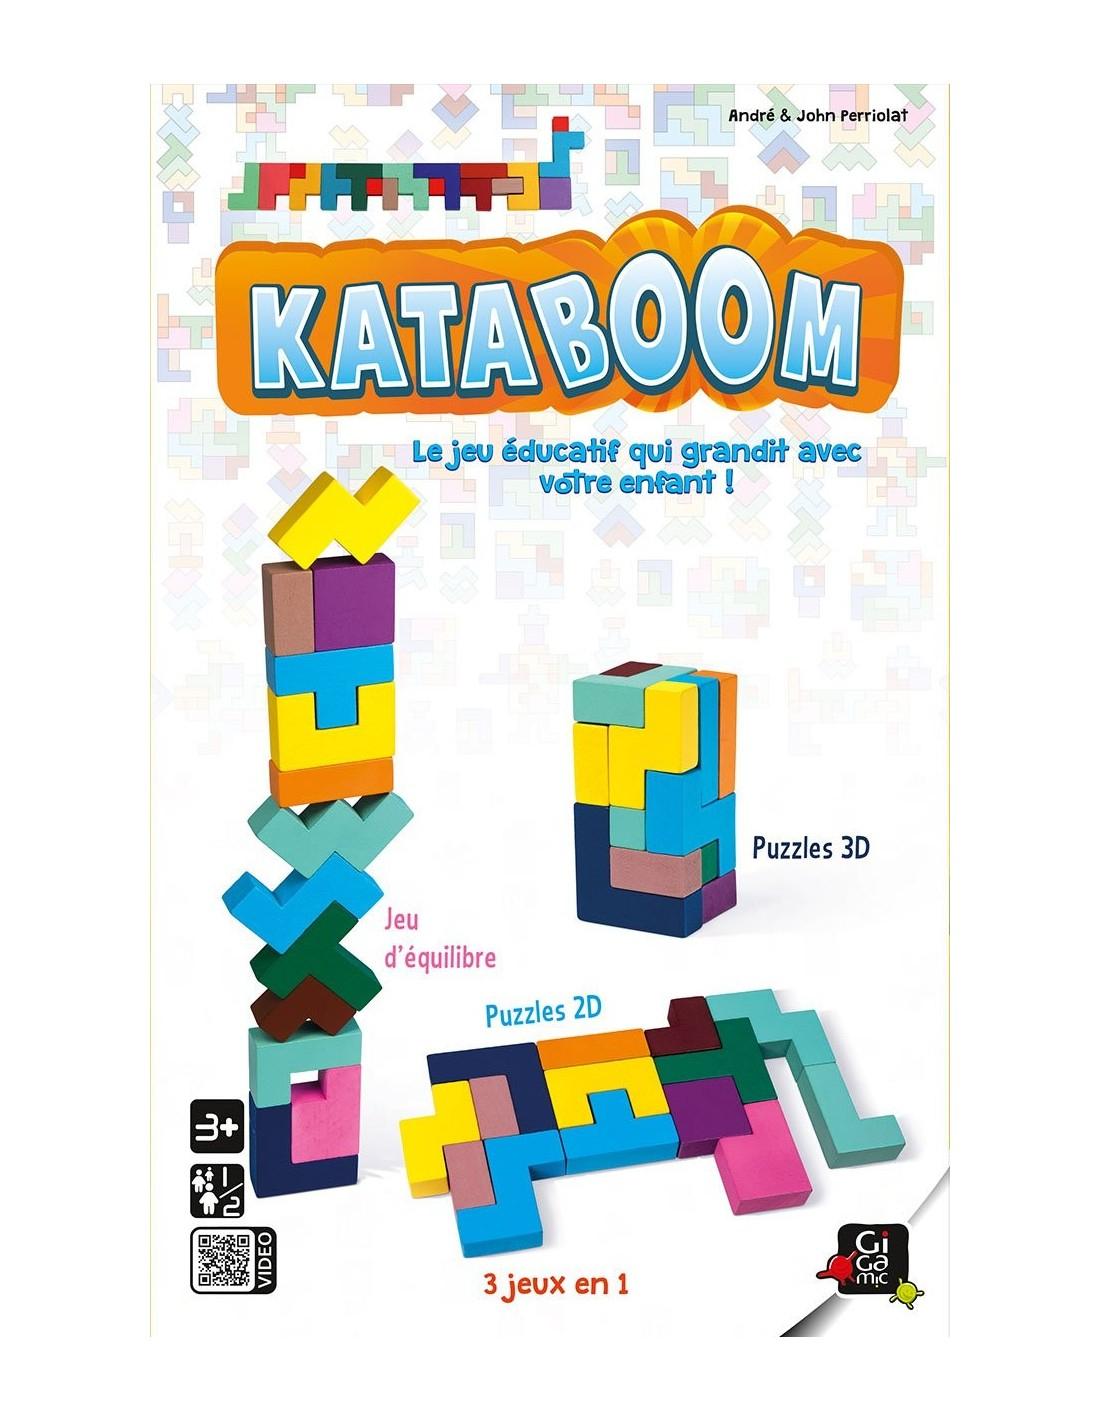 Kataboom 3D - Jeu Éducatif - Gigamic - Lapouleapois.fr pour Les Jeux Educatif